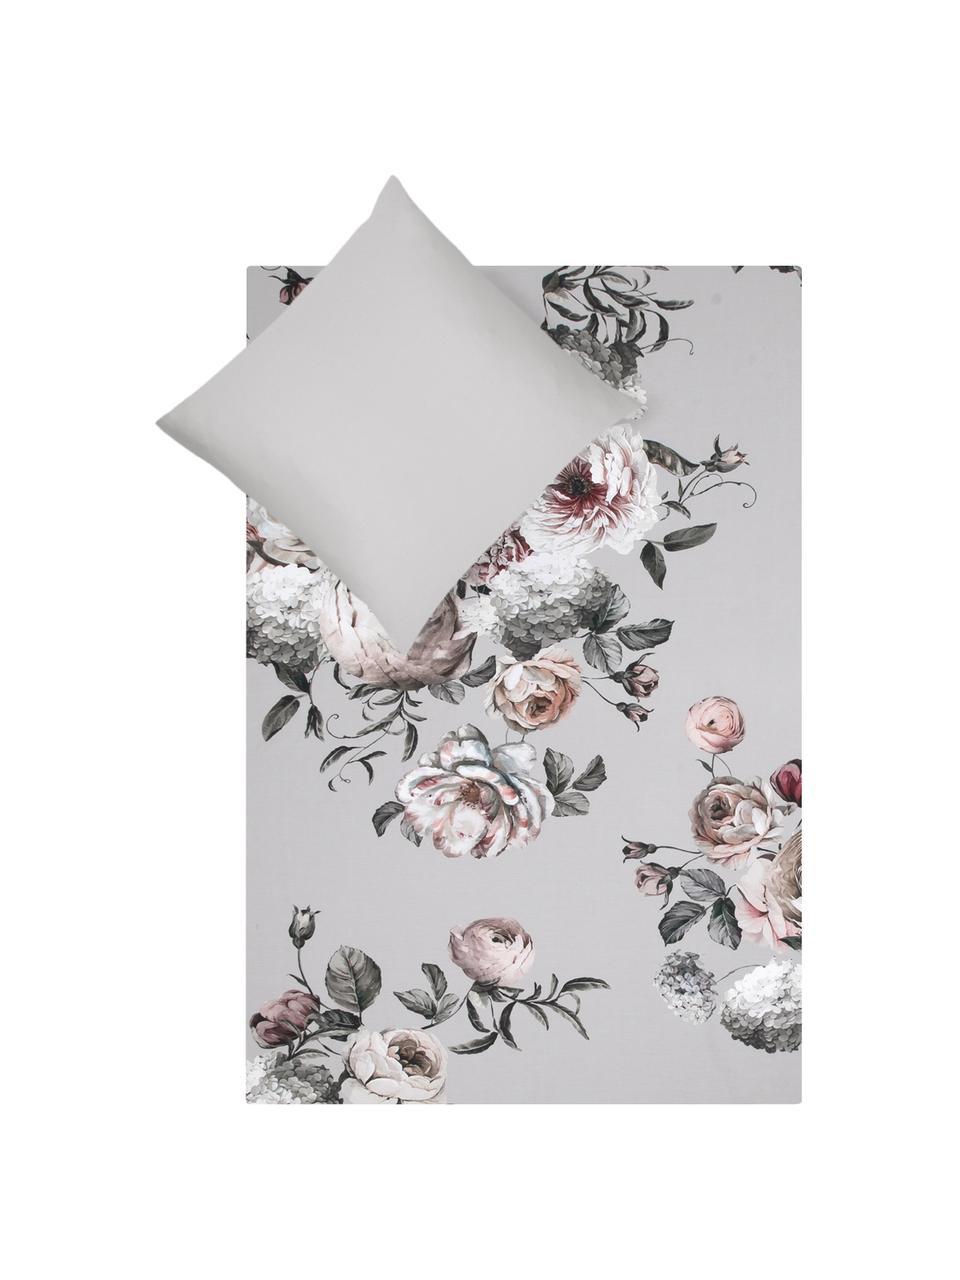 Baumwollsatin-Bettwäsche Blossom mit Blumen-Print, Webart: Satin Fadendichte 210 TC,, Mehrfarbig, Grau, 135 x 200 cm + 1 Kissen 80 x 80 cm